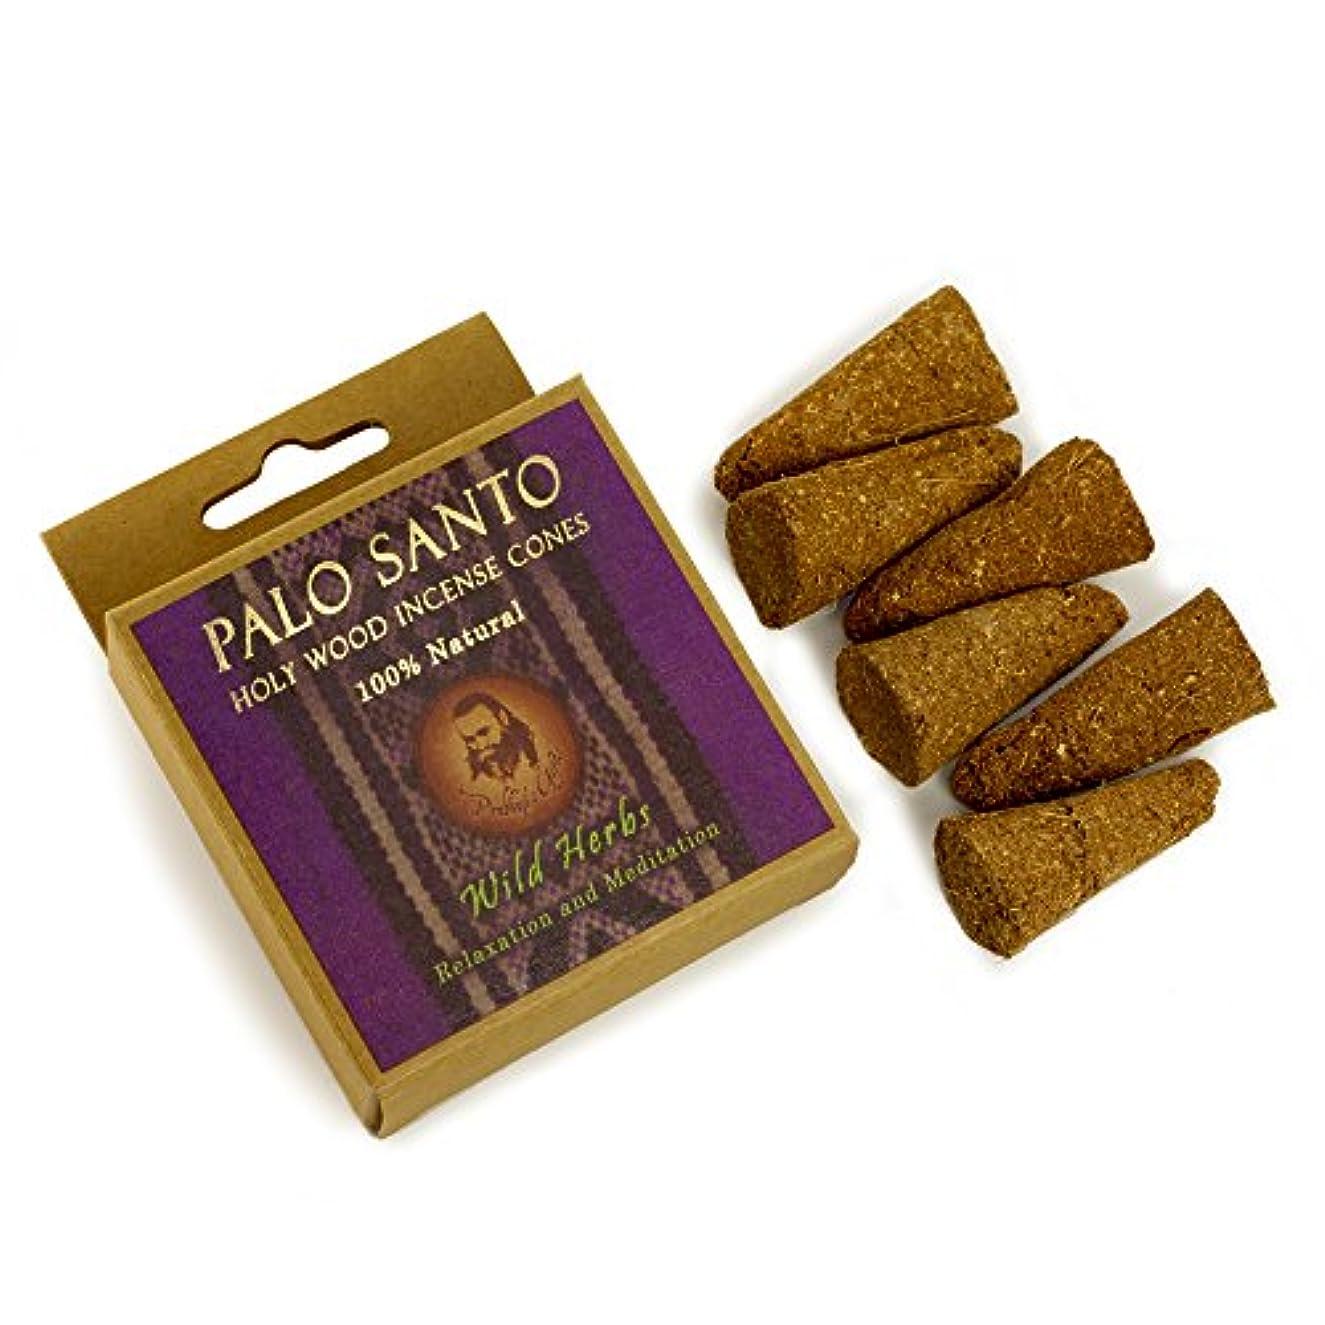 絞るヒントいちゃつくPalo Santo and Wild herbs – Relaxation &瞑想 – 6 Incense Cones